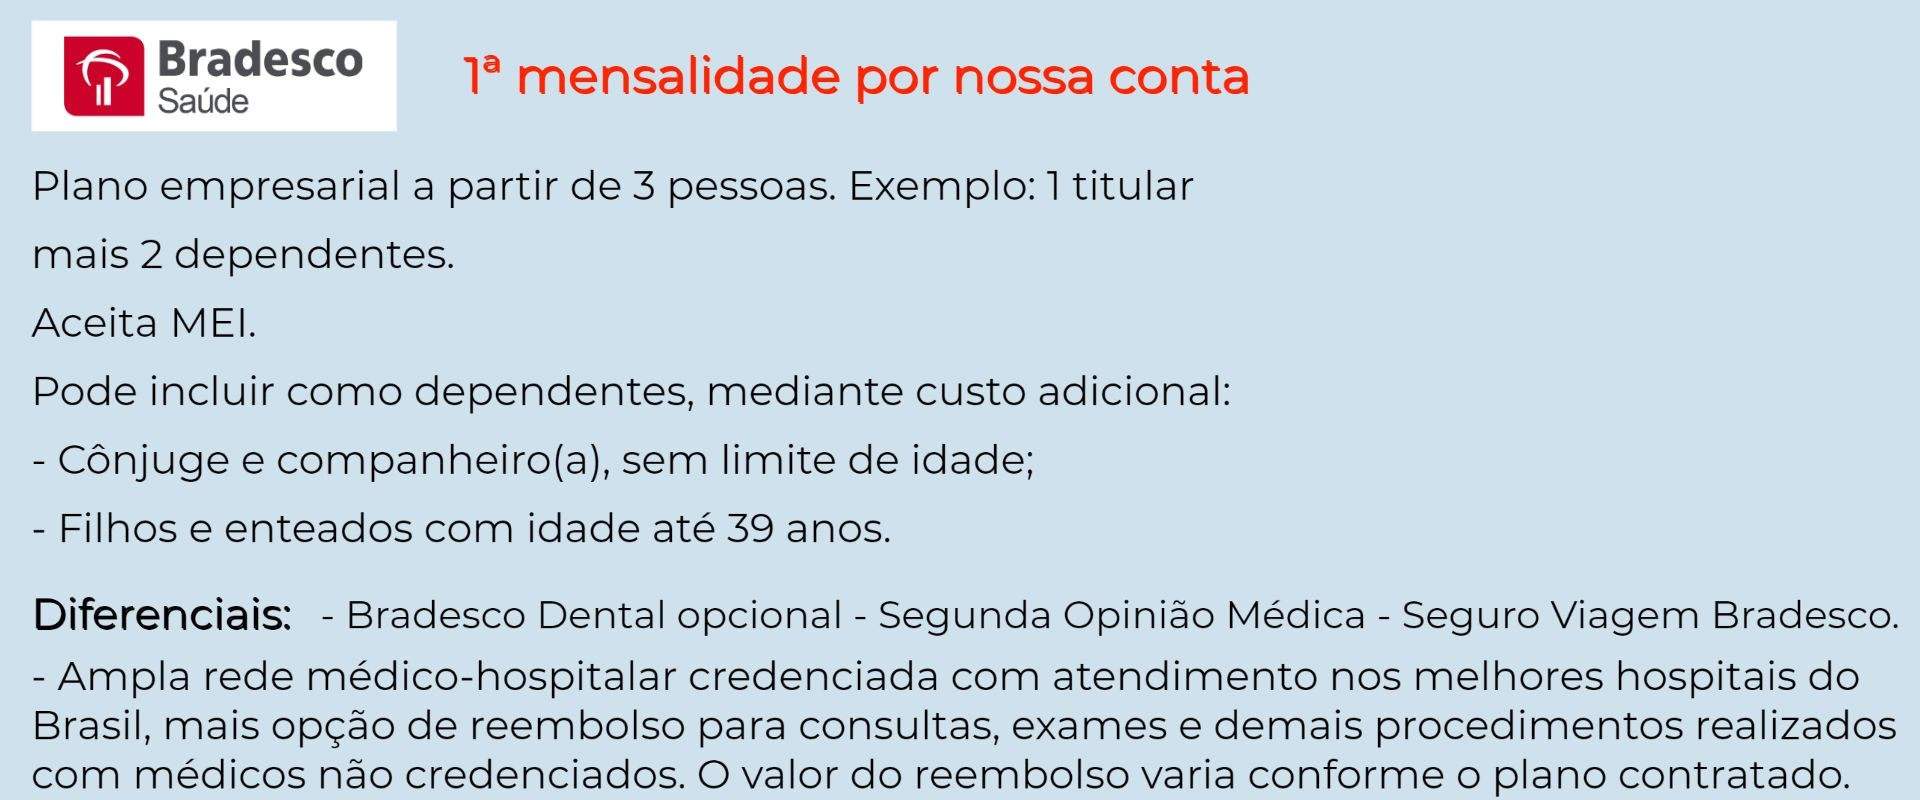 Bradesco Saúde Empresarial - Praia Grande